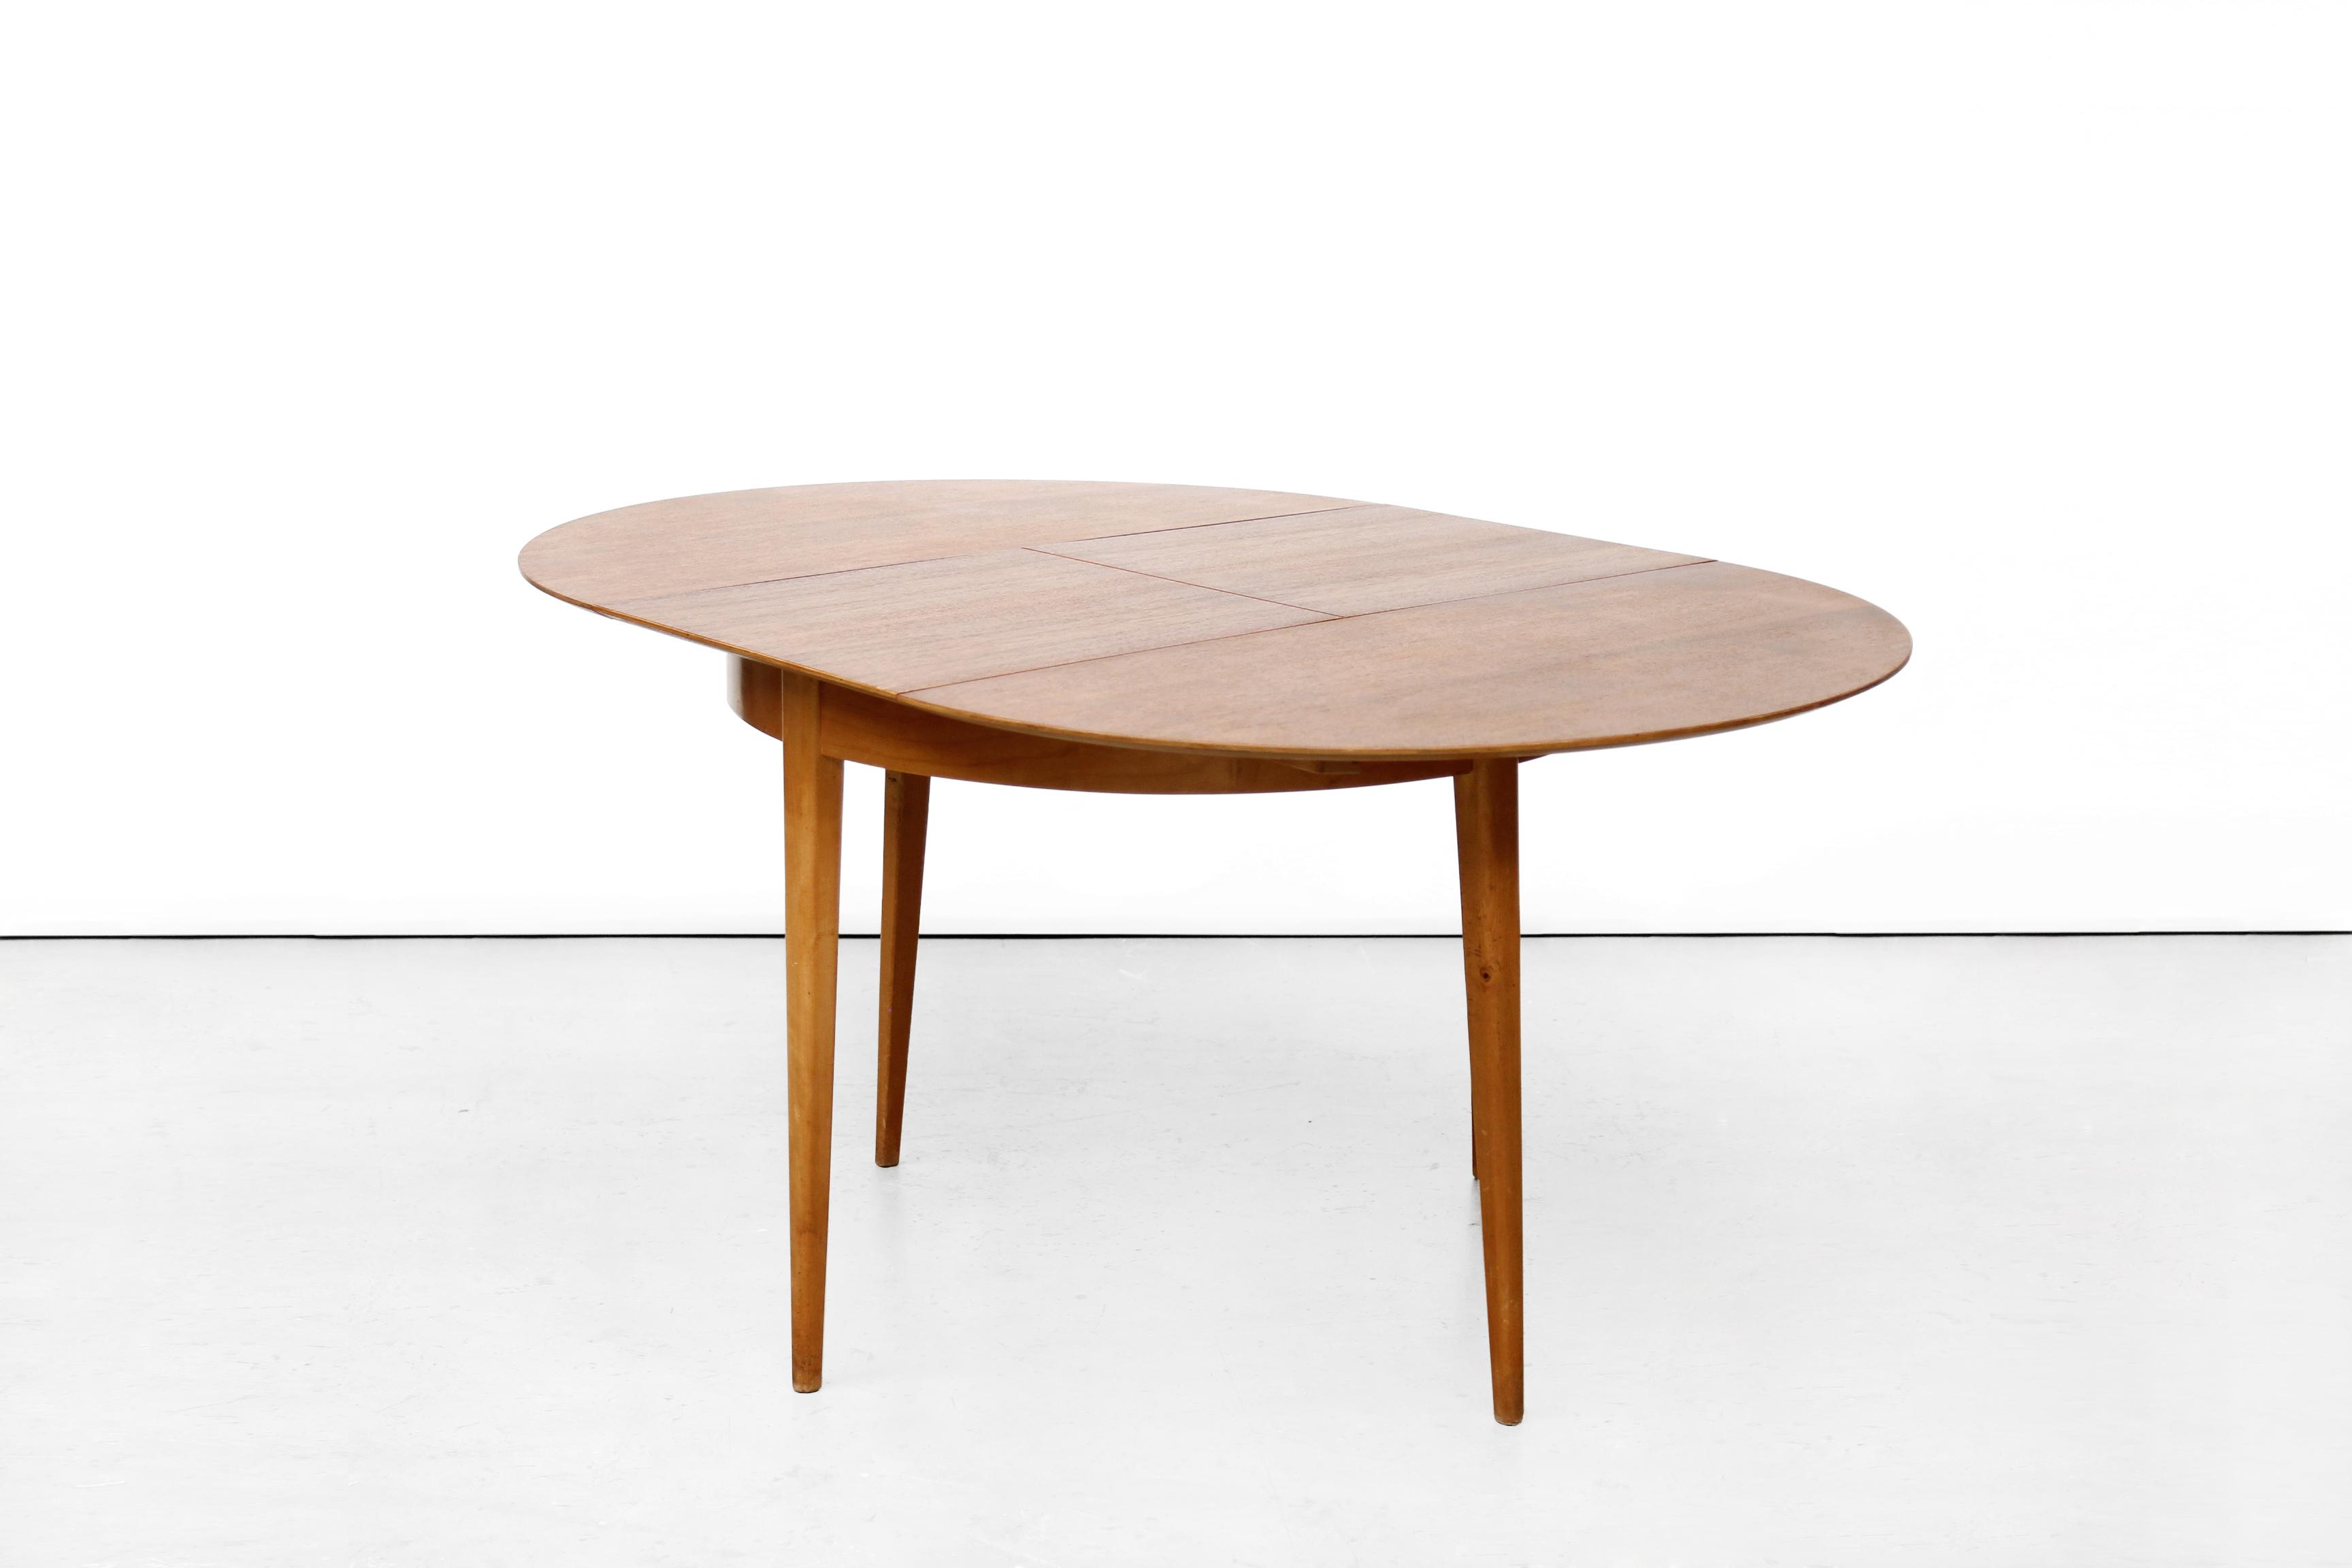 Eetkamer set pastoe tb35 ronde uitschuifbare tafel van cees braakman